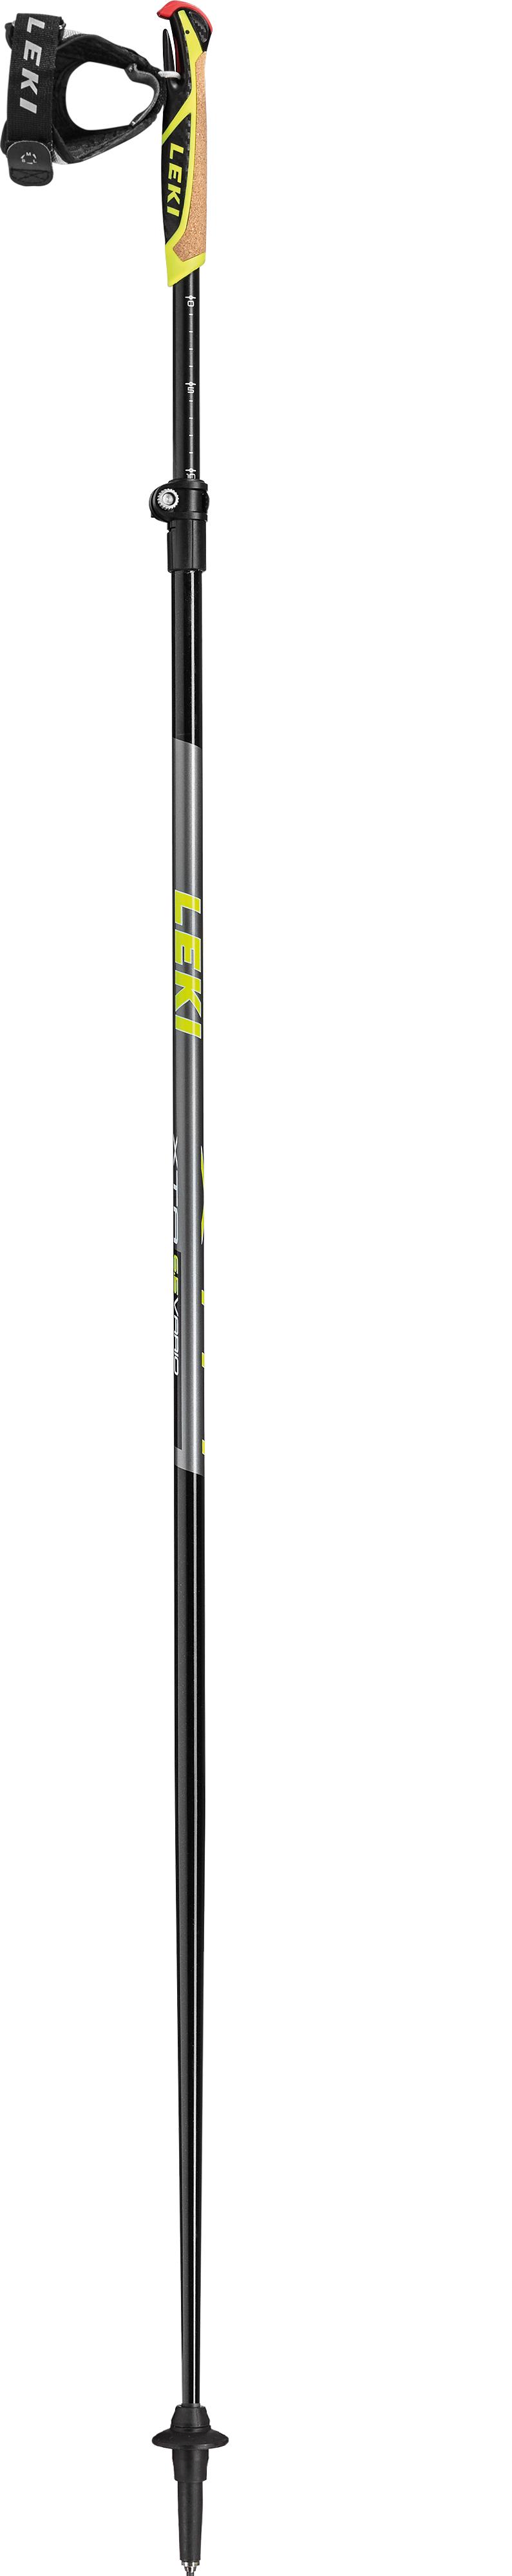 XTA 6.5 Vario jr. 125-145 cm